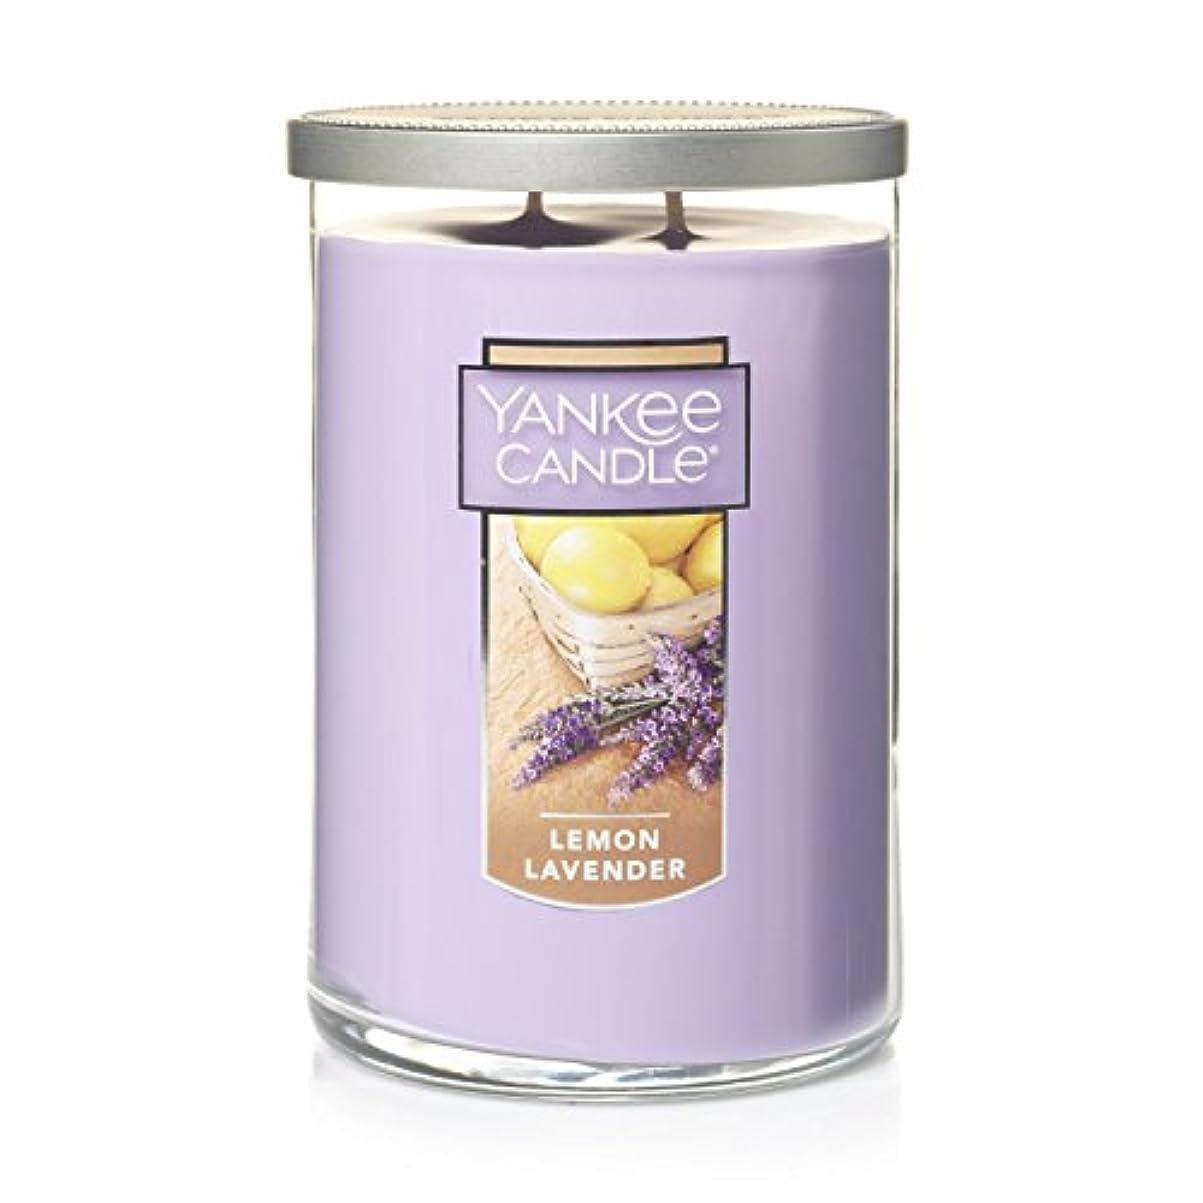 言う雲伝説Yankee Candle Jar Candle、レモンラベンダー Large 2-Wick Tumbler Candle 1292462z